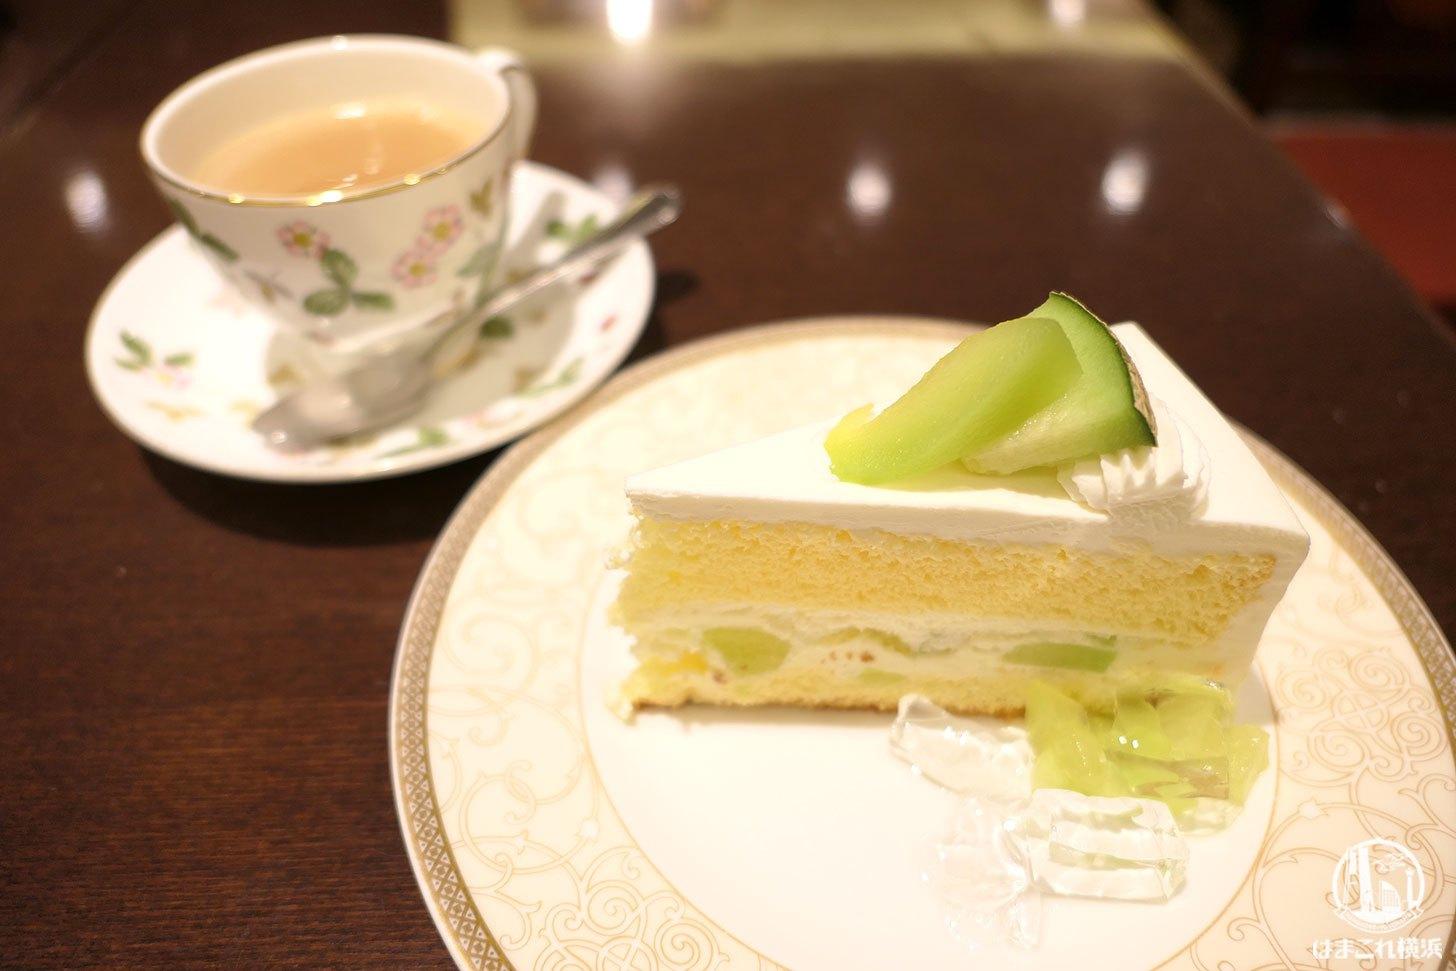 横浜駅「カフェ ラミル」季節のショートケーキ食べてみた!ジョイナス穴場カフェ